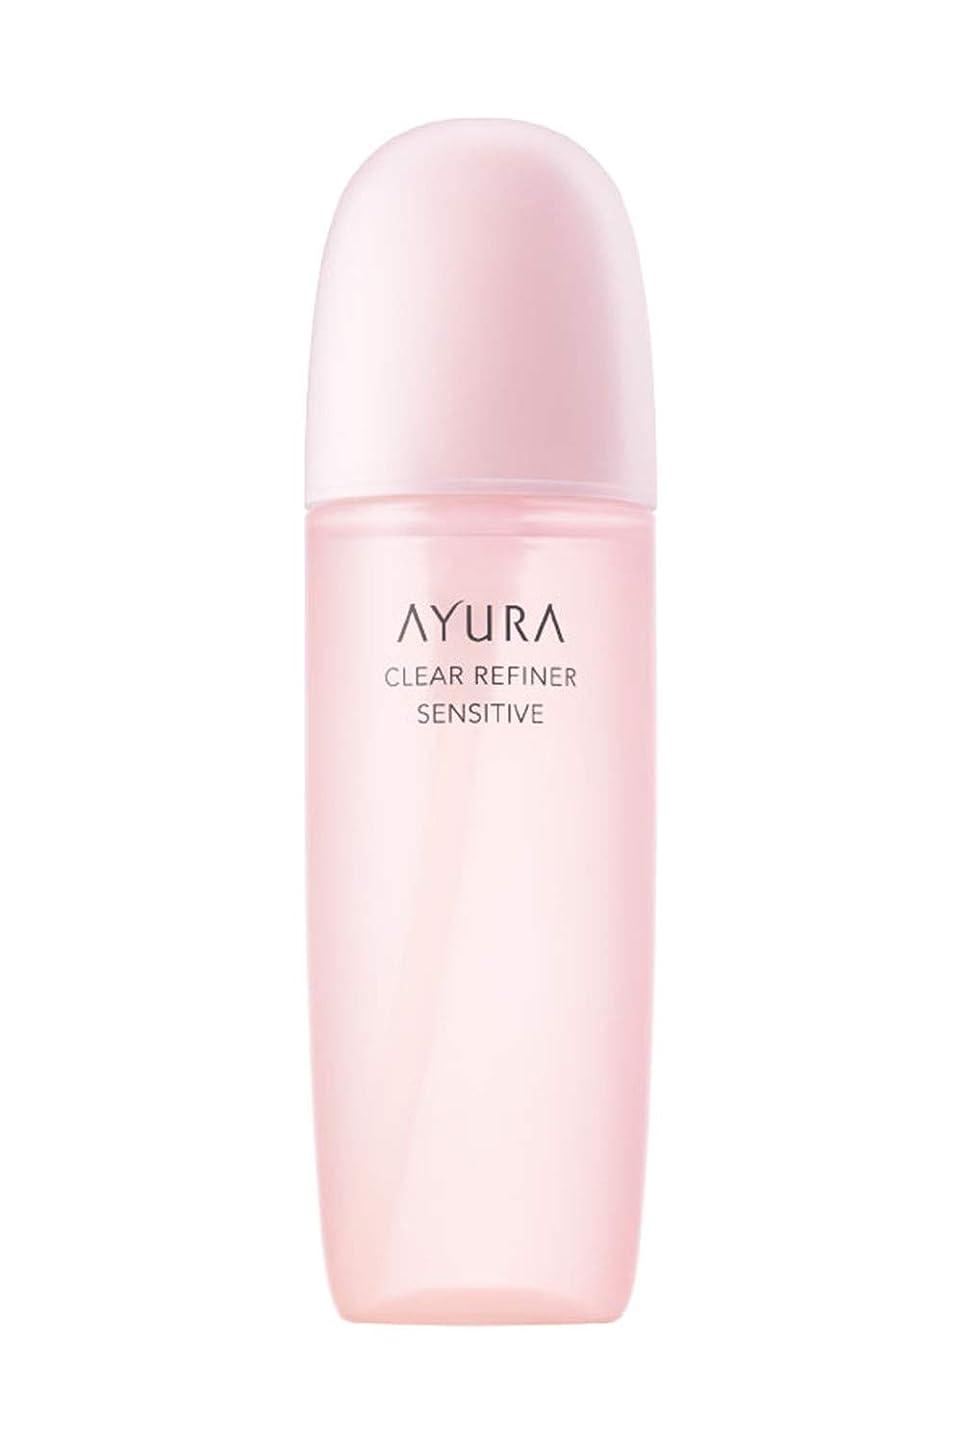 団結する友情リハーサルアユーラ (AYURA) クリアリファイナー センシティブ (医薬部外品) < 化粧水 > 200mL 不要な角質を取り除く 角質ケア 化粧水 敏感肌用